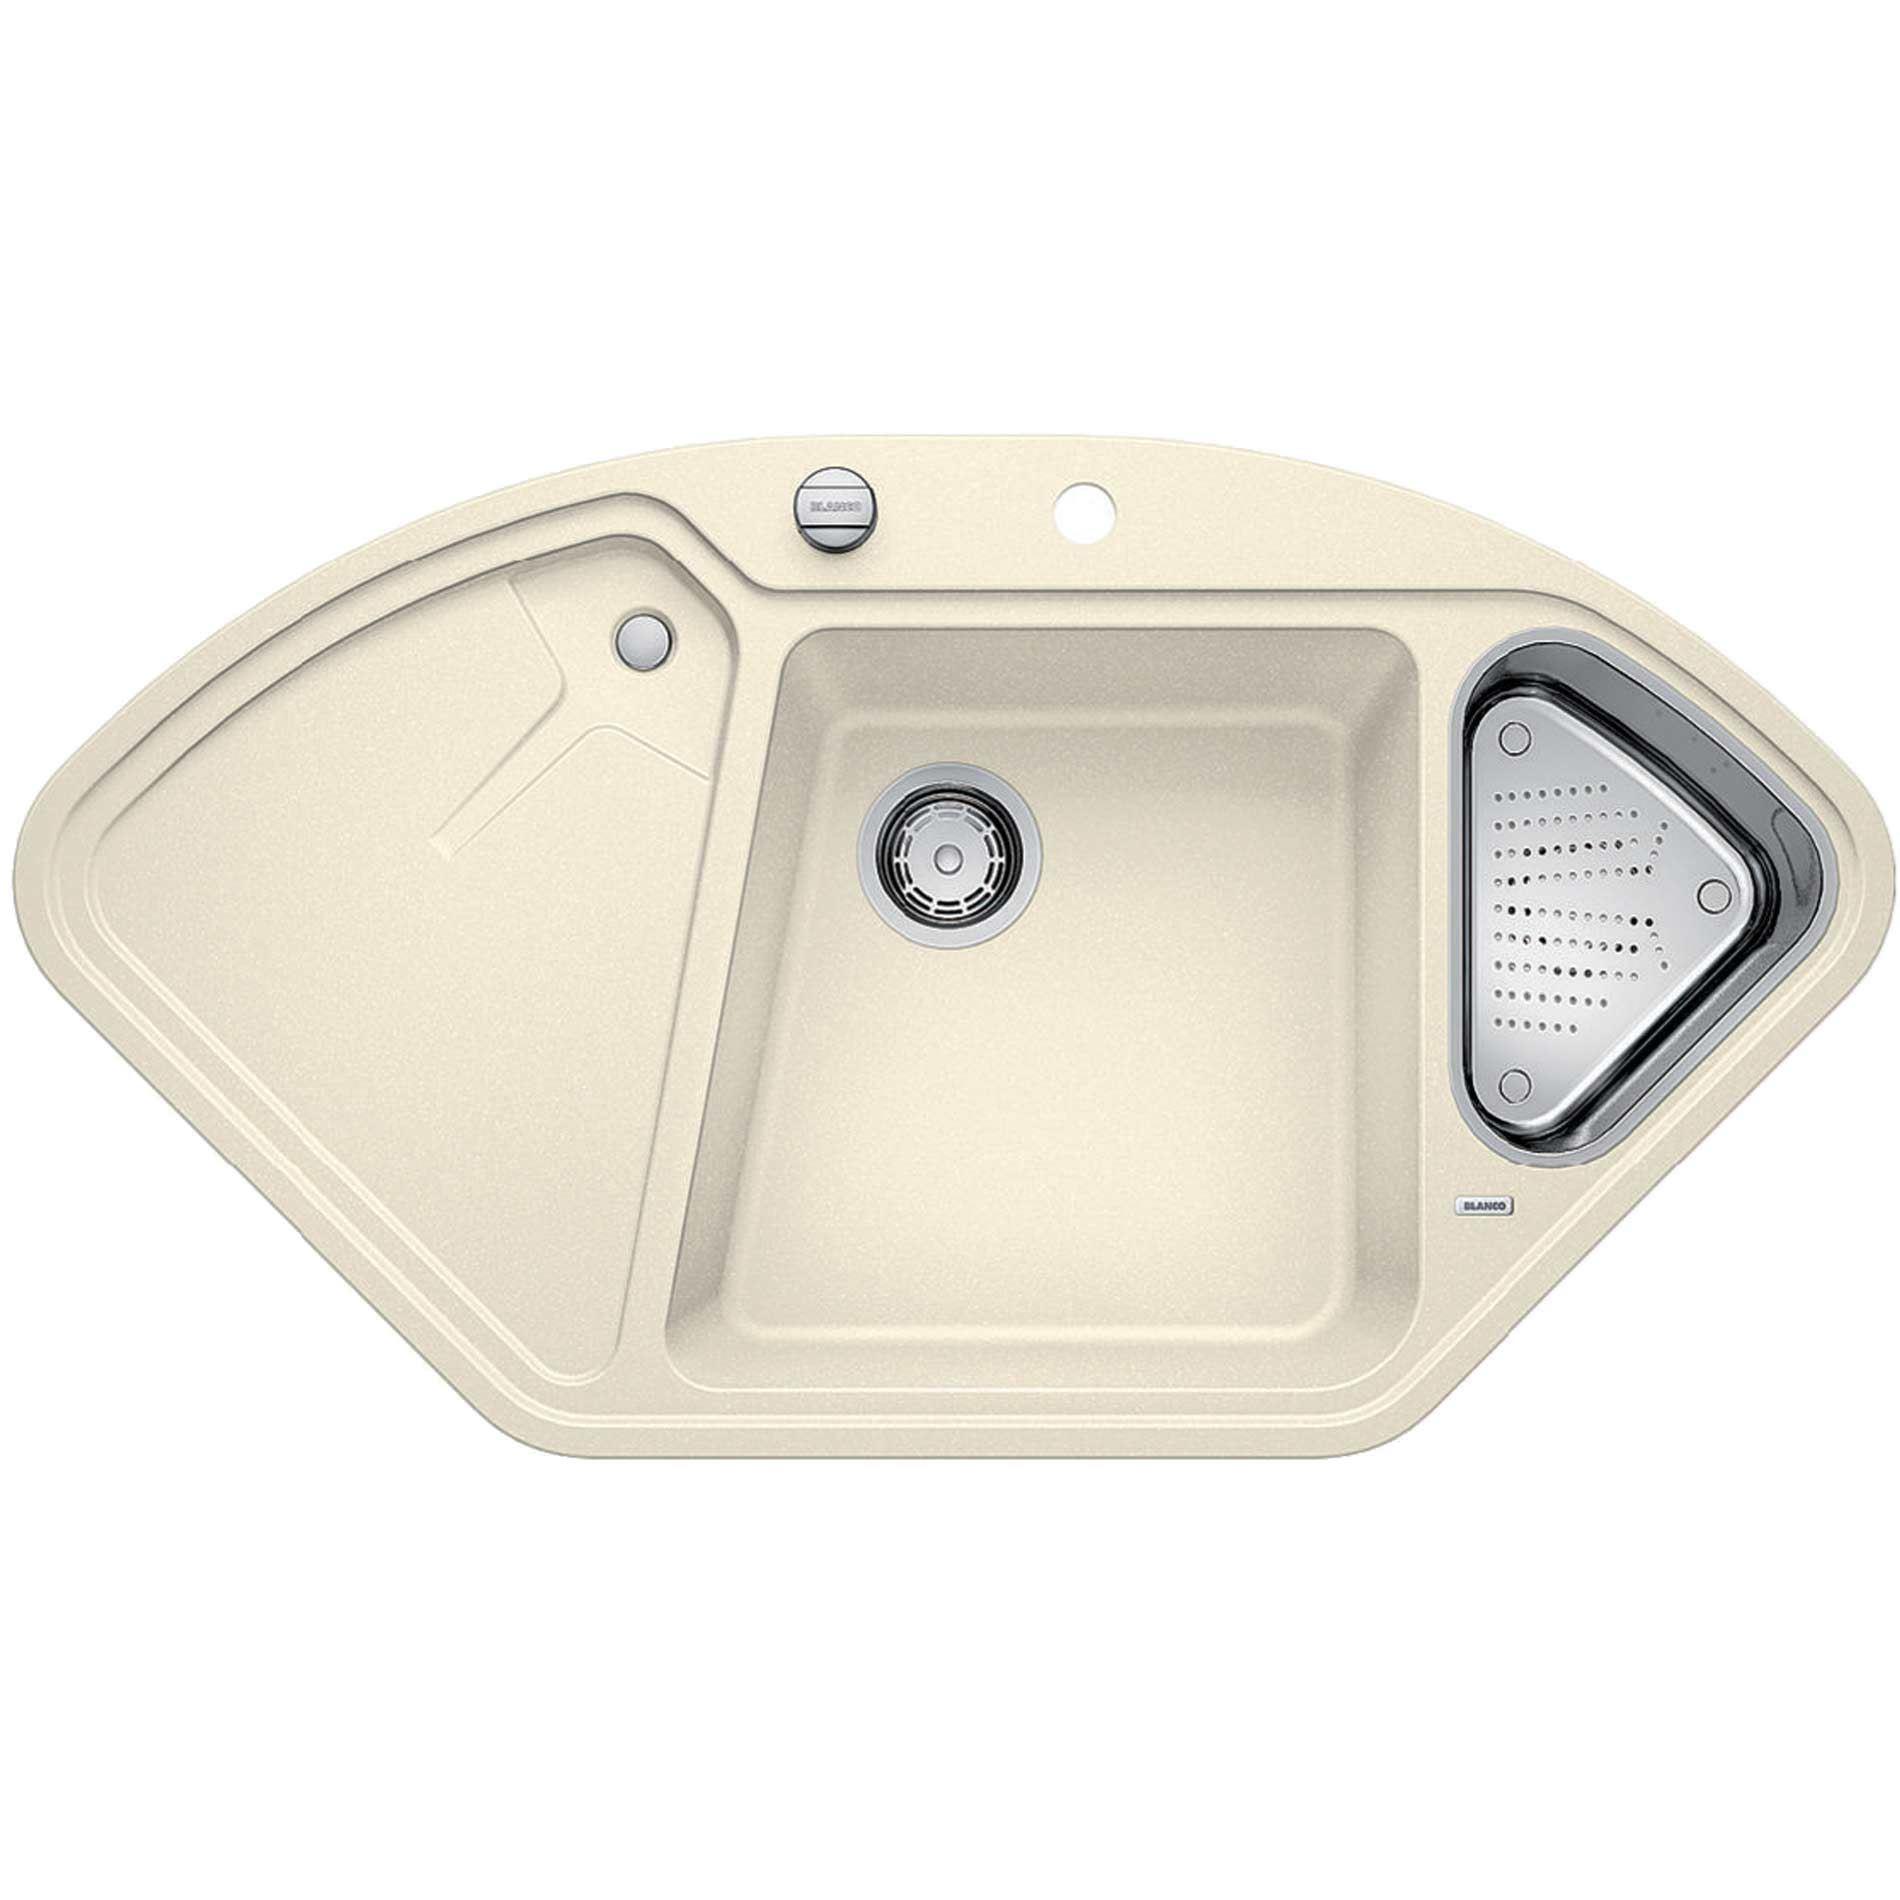 Blanco delta ii jasmin silgranit sink kitchen sinks taps for German kitchen sink brands